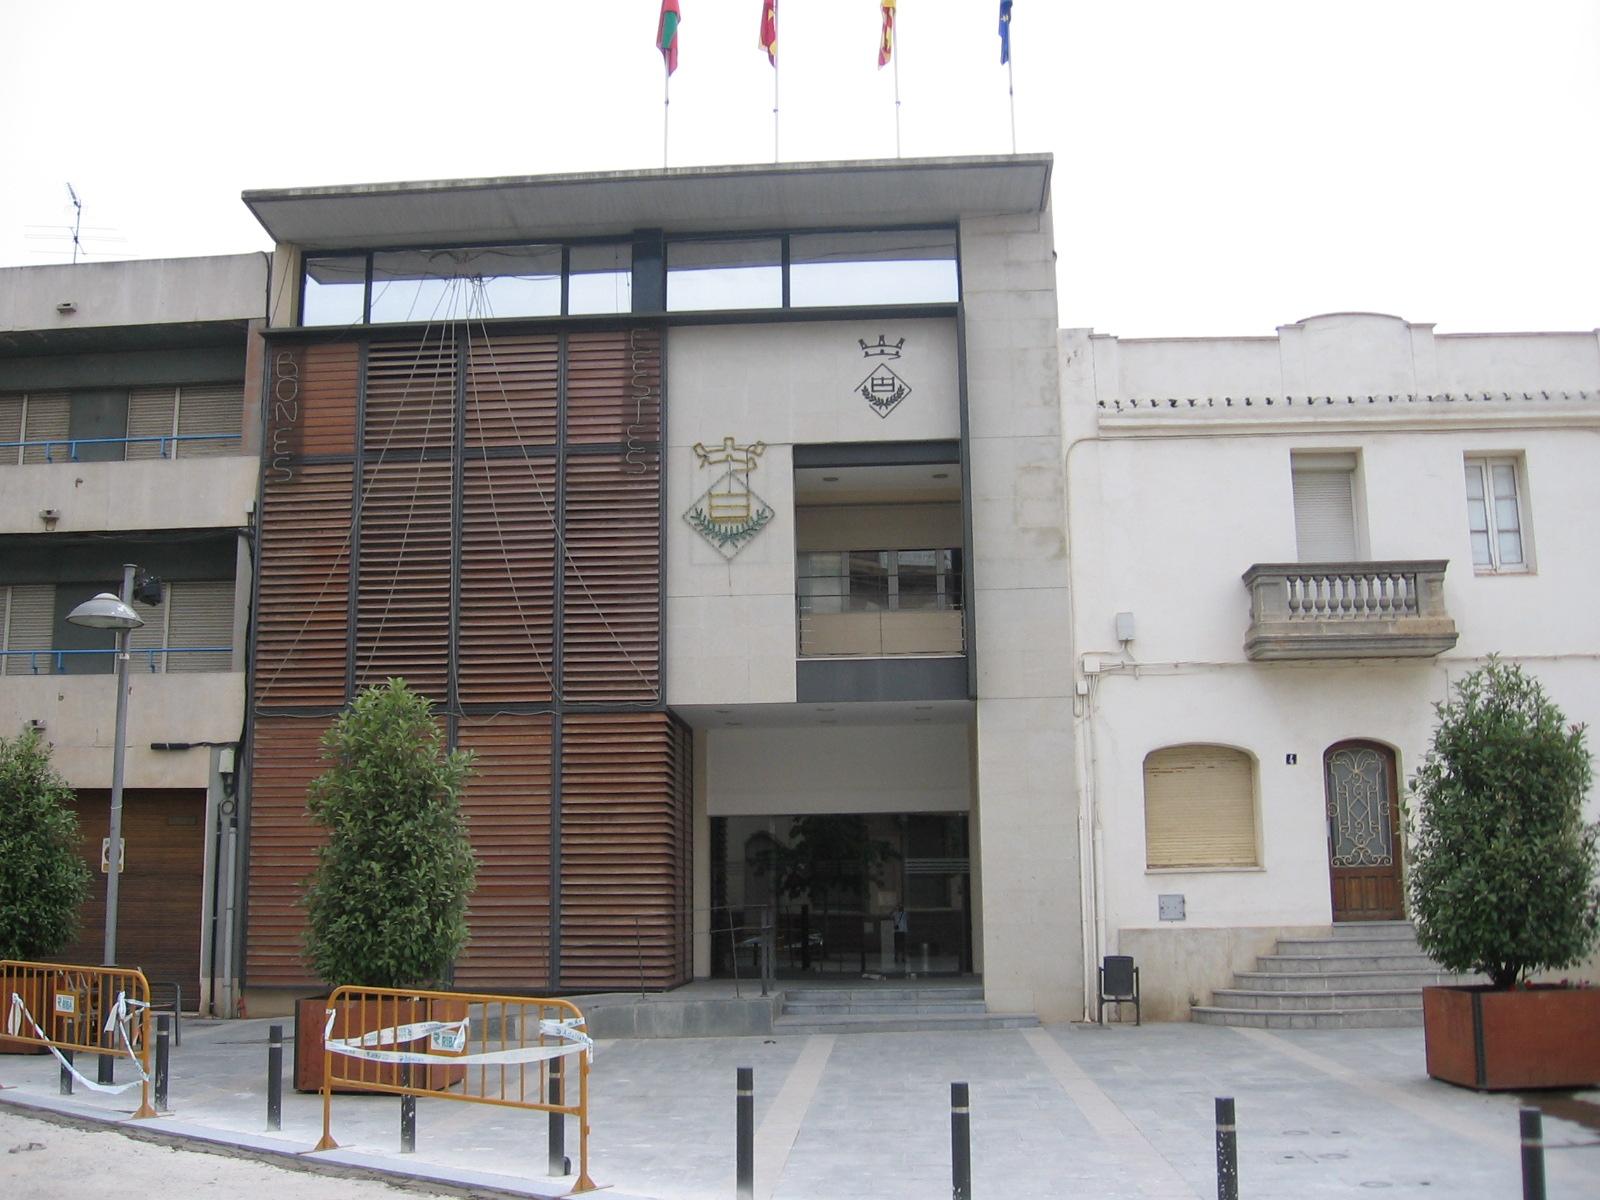 San quirico de tarrasa wikipedia la enciclopedia libre for Pisos en montornes del valles